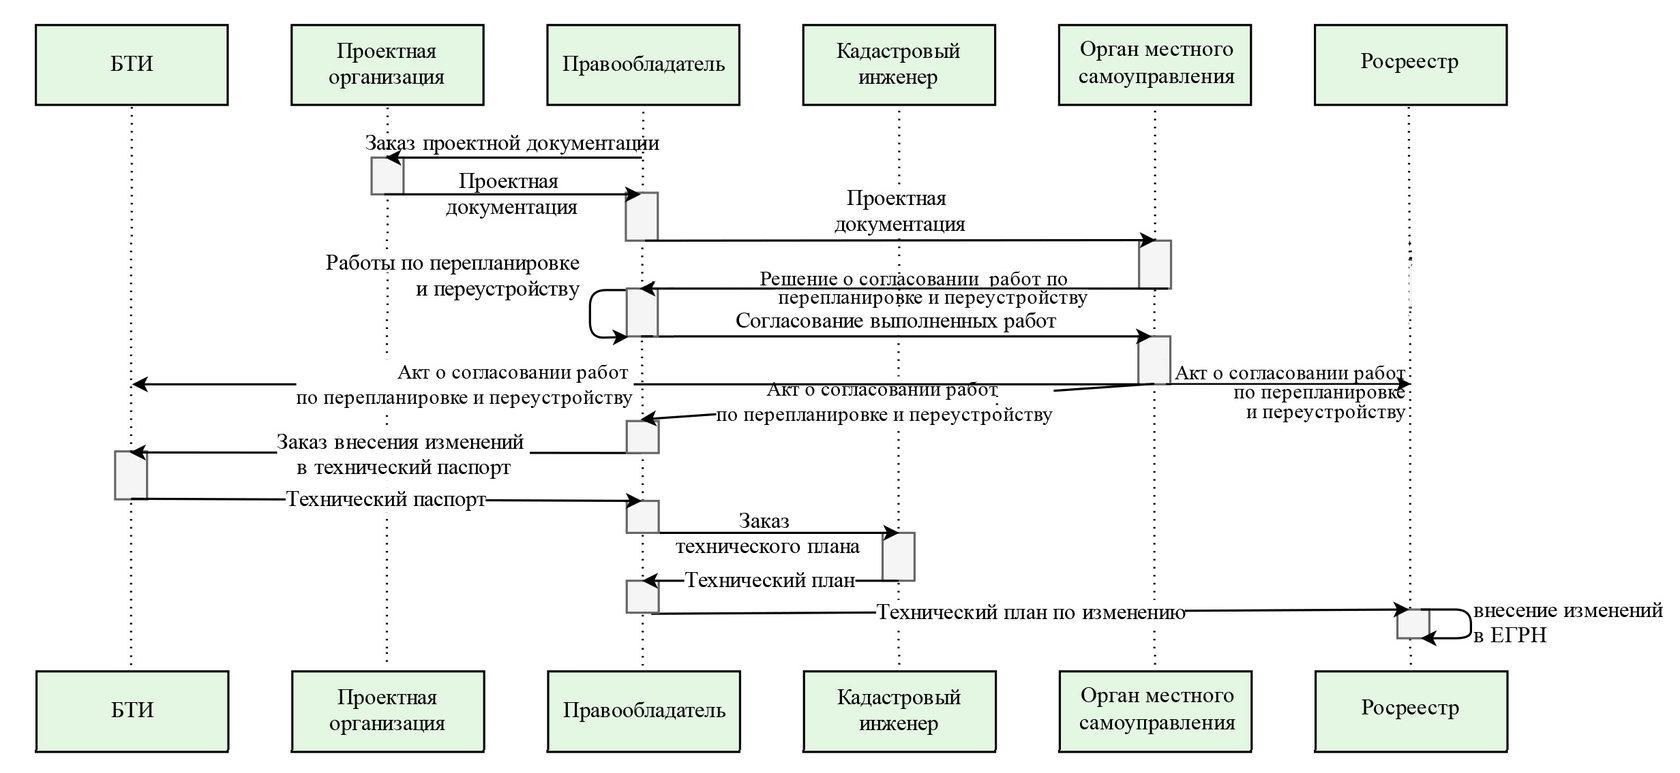 Алгоритм взаимодействия государственных органов при постановке помещений и зданий на кадастровый учет.